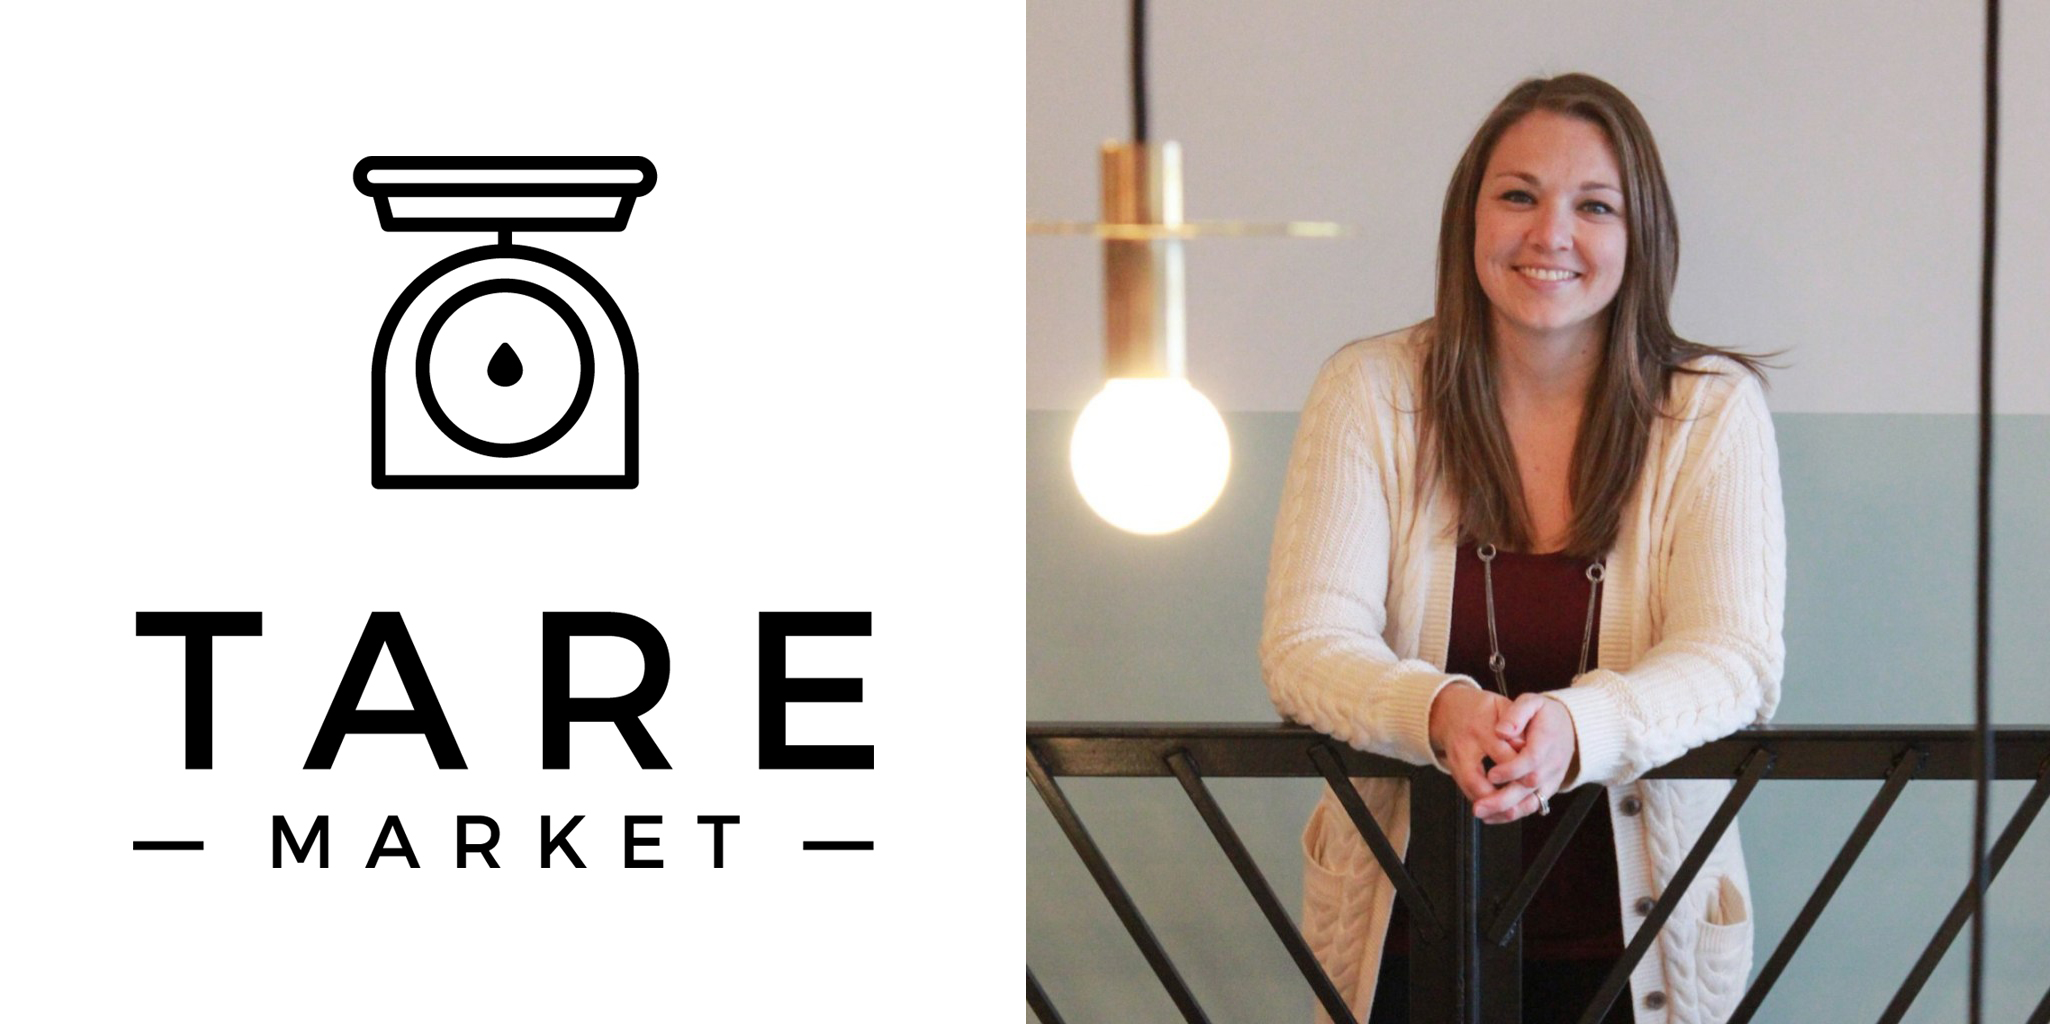 Tare Market Minneapolis